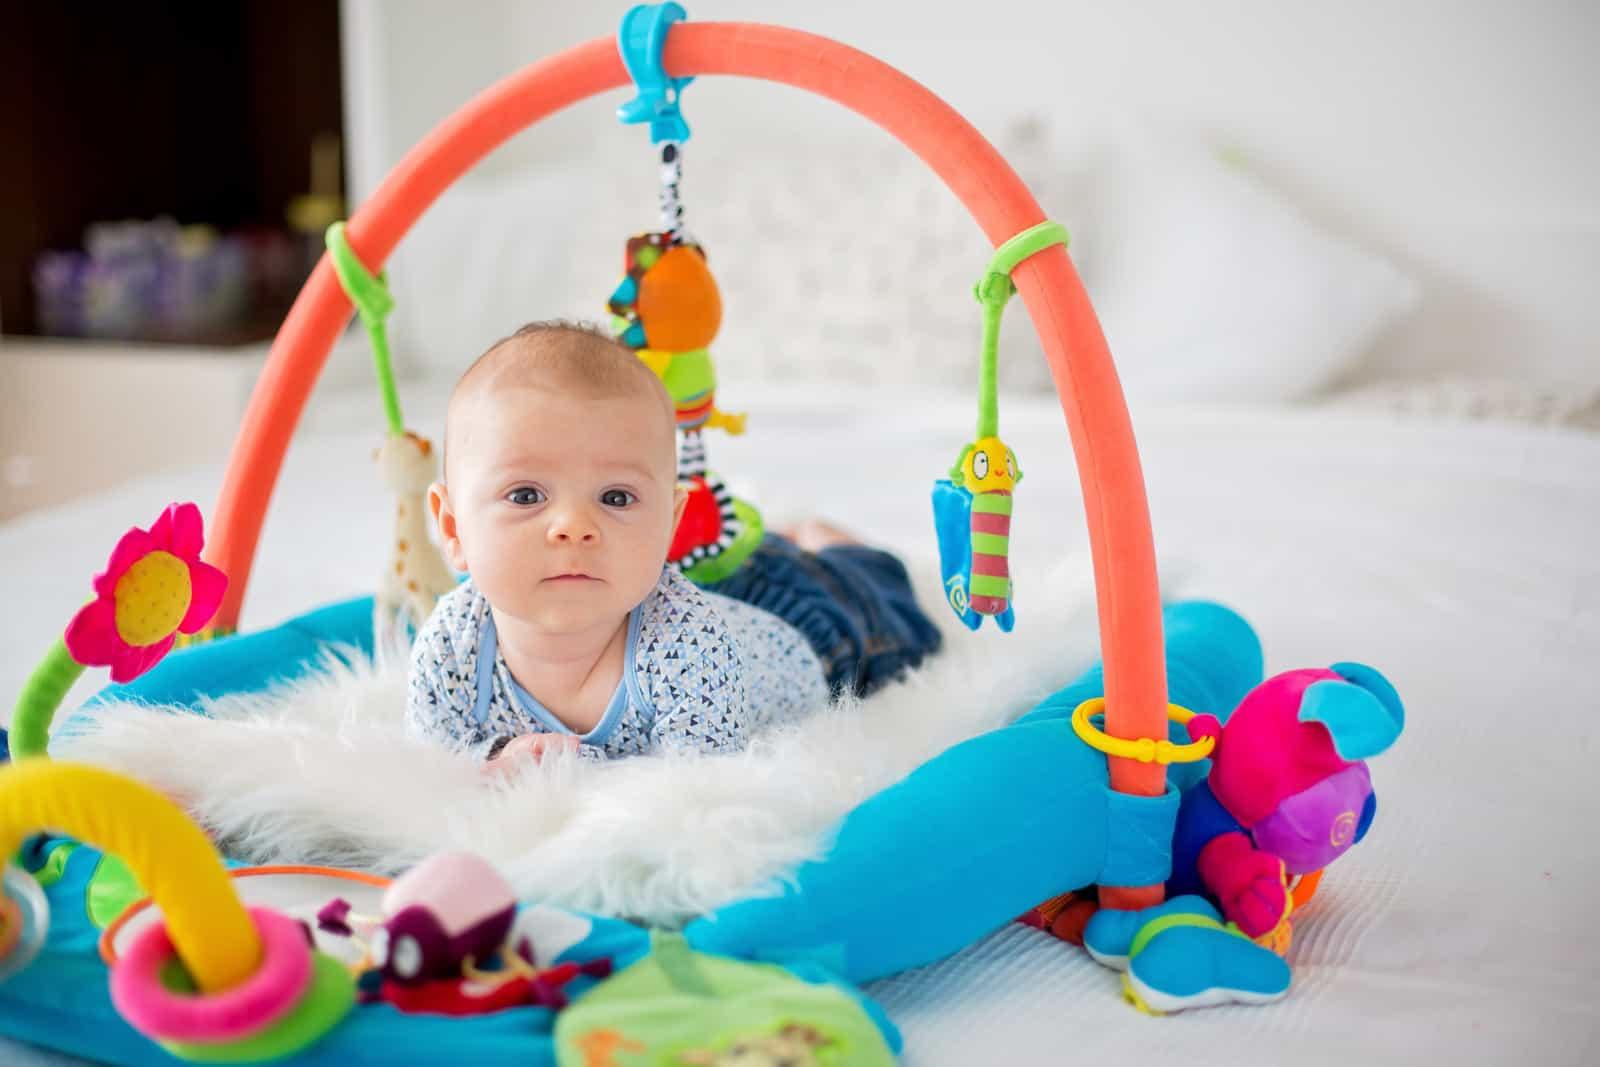 نکات مهم در هنگام خرید اسباب بازیهای مناسب نوزادان